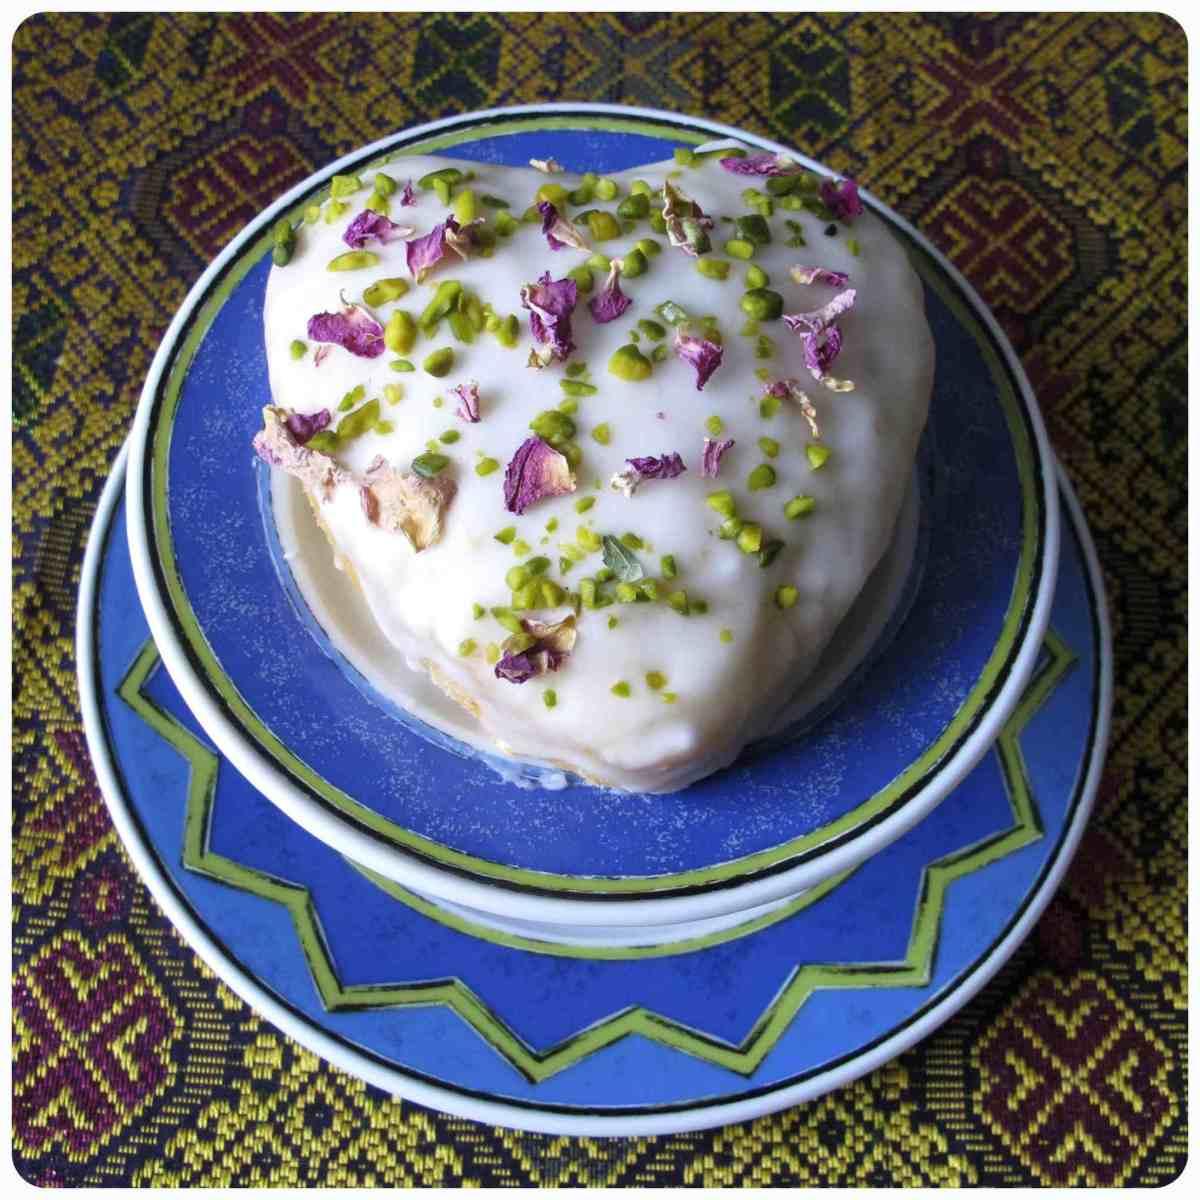 Persischer Liebeskuchen nach einem Rezept von Yasmin Khan